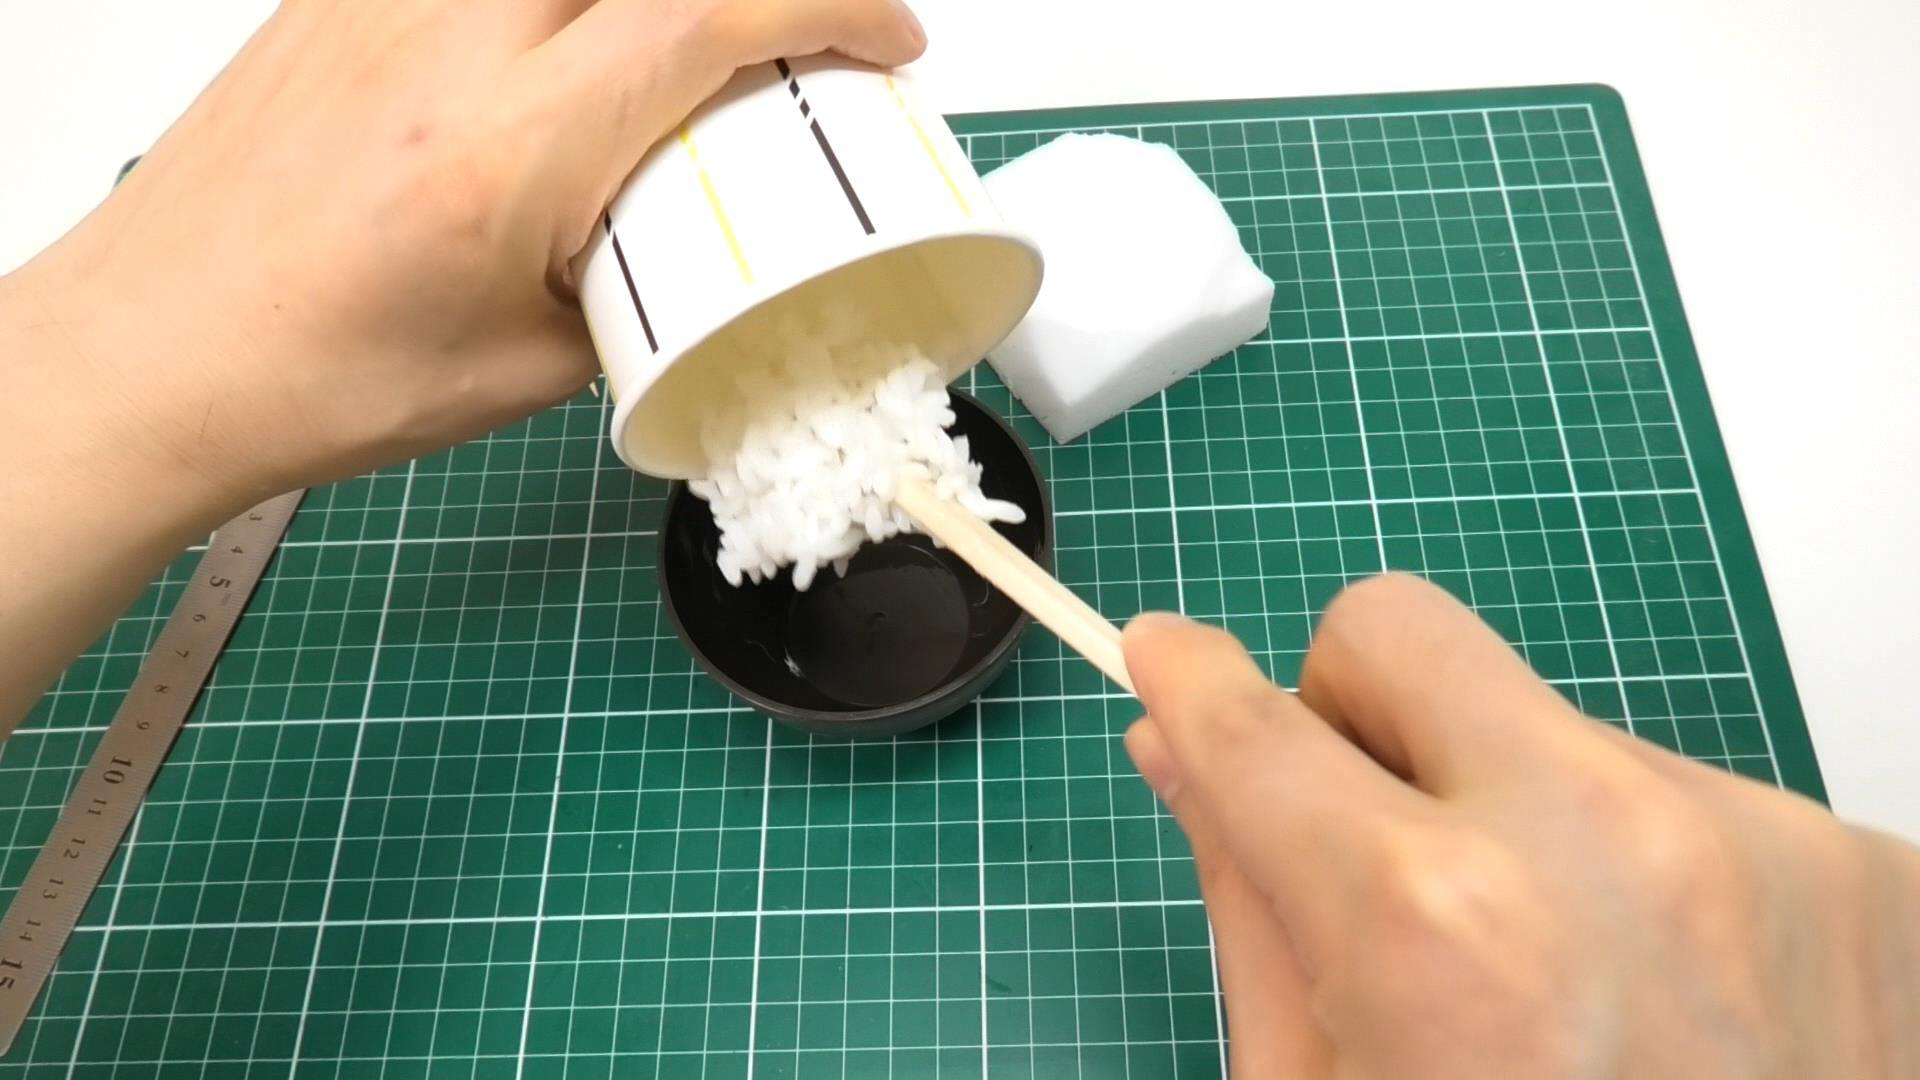 接着剤を付けたそっくり米をお茶碗に入れて型どり。お茶碗には離型剤が塗ってあります